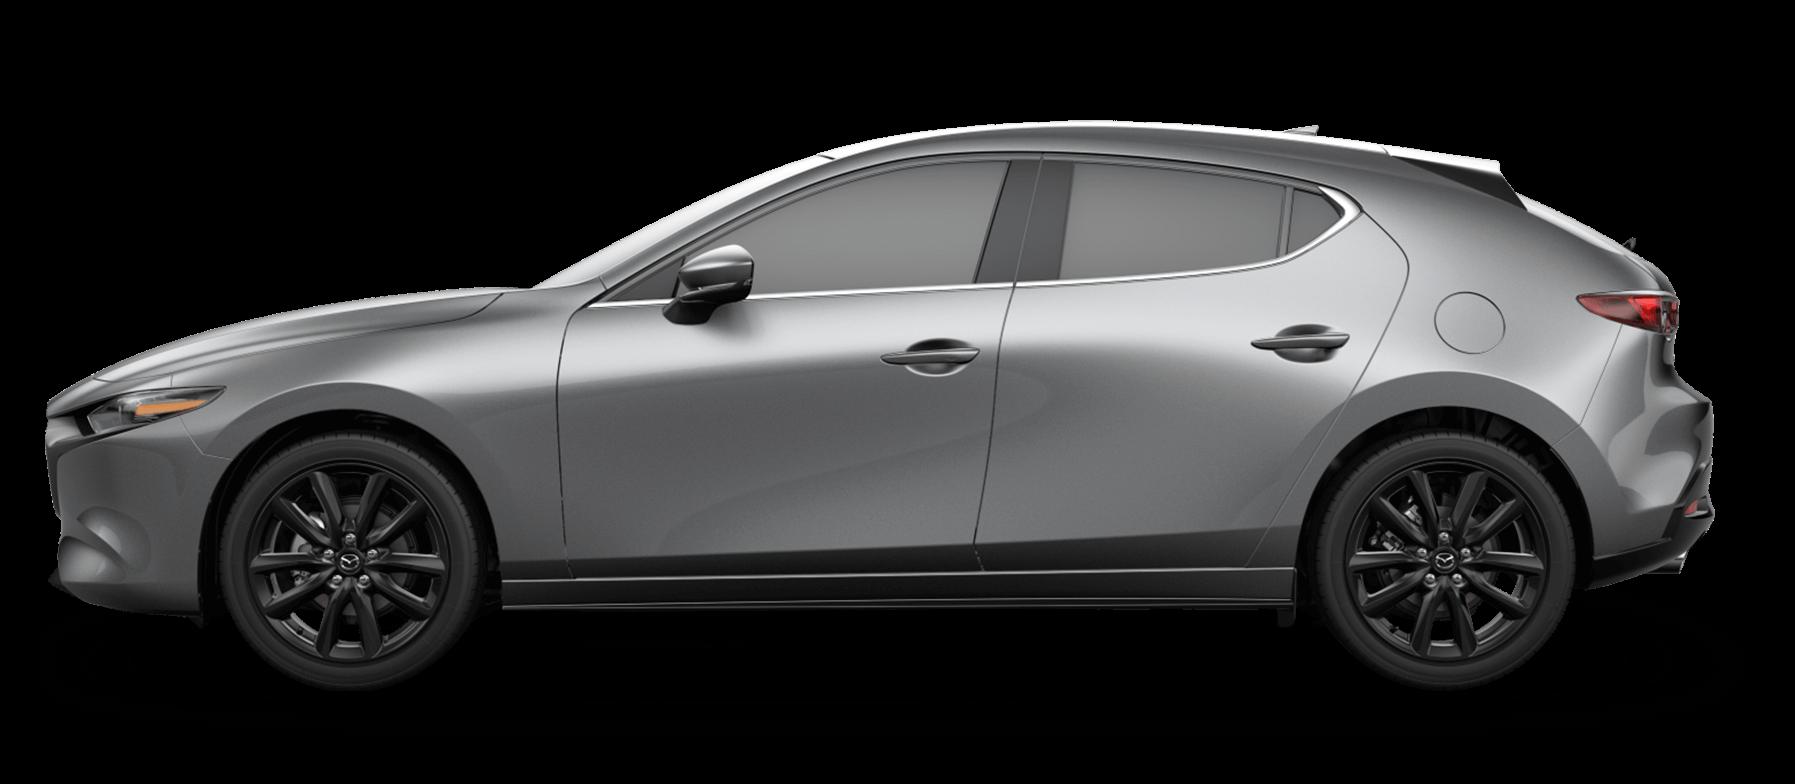 Imagen del Mazda3 Hatchback 2019